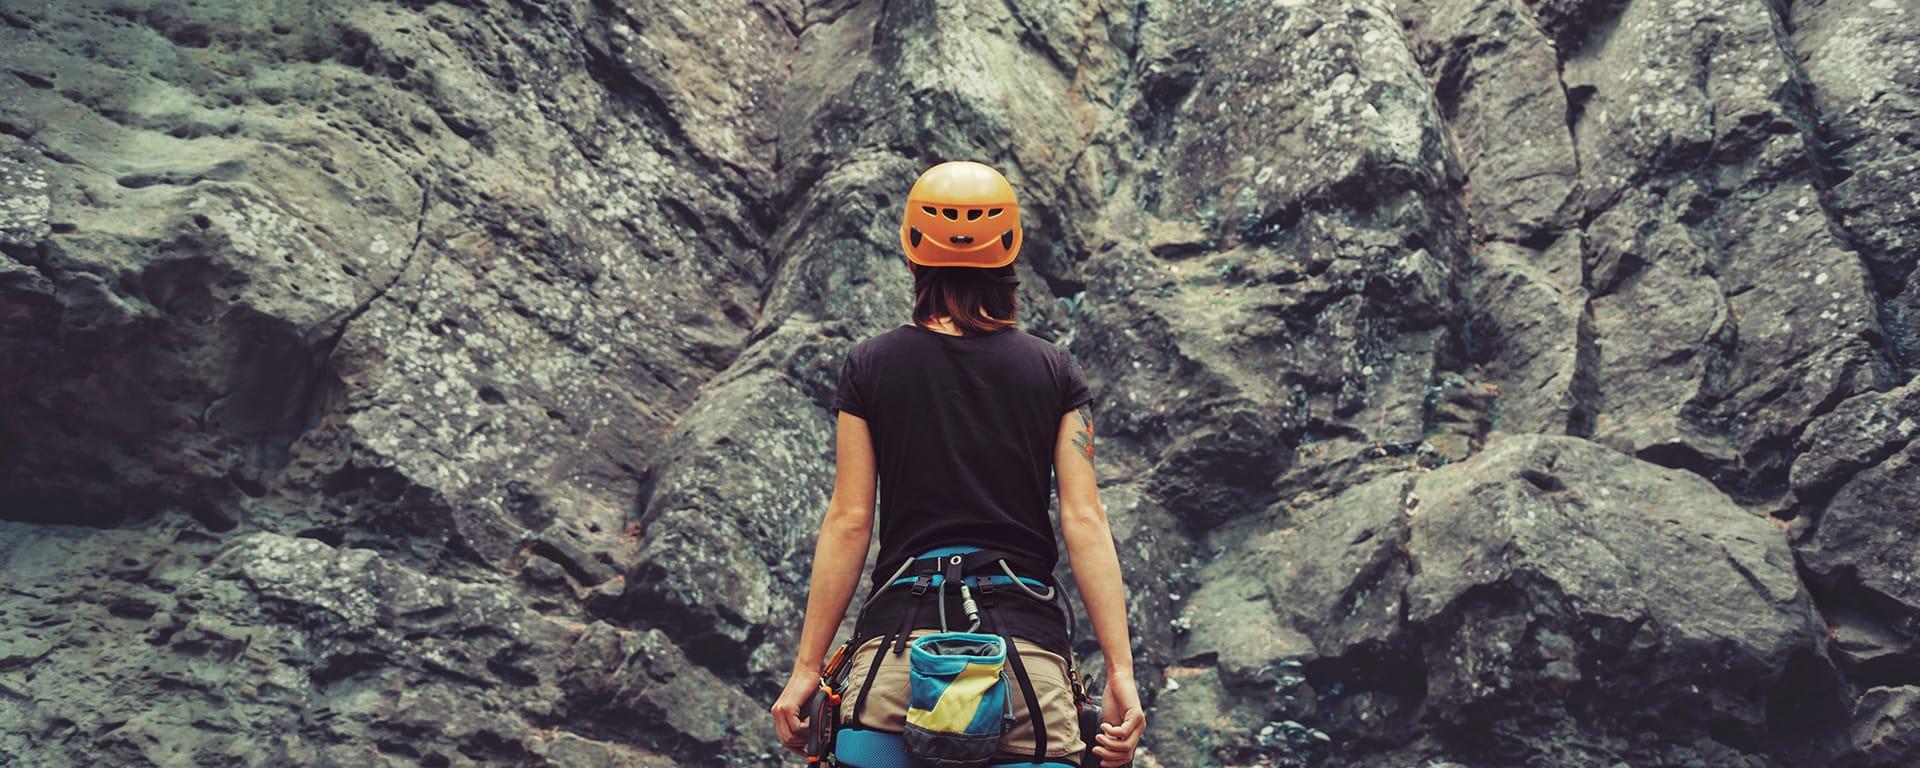 risk management using an ics - rock climber